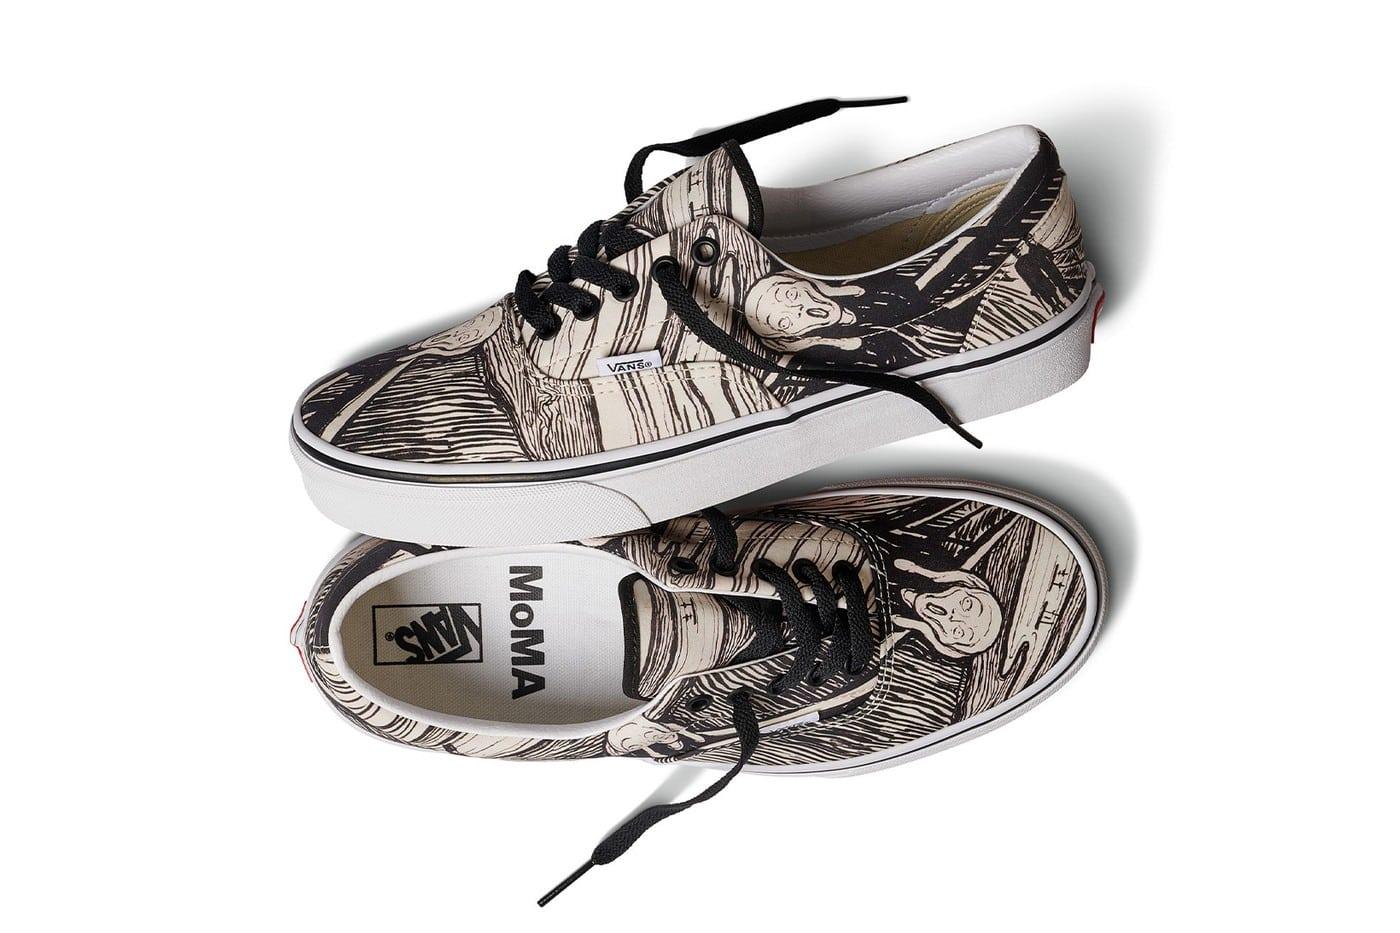 Vans y el MoMA unen el arte con el streetwear en esta collab con arte de Edvard Munch, Jackson Pollock y más